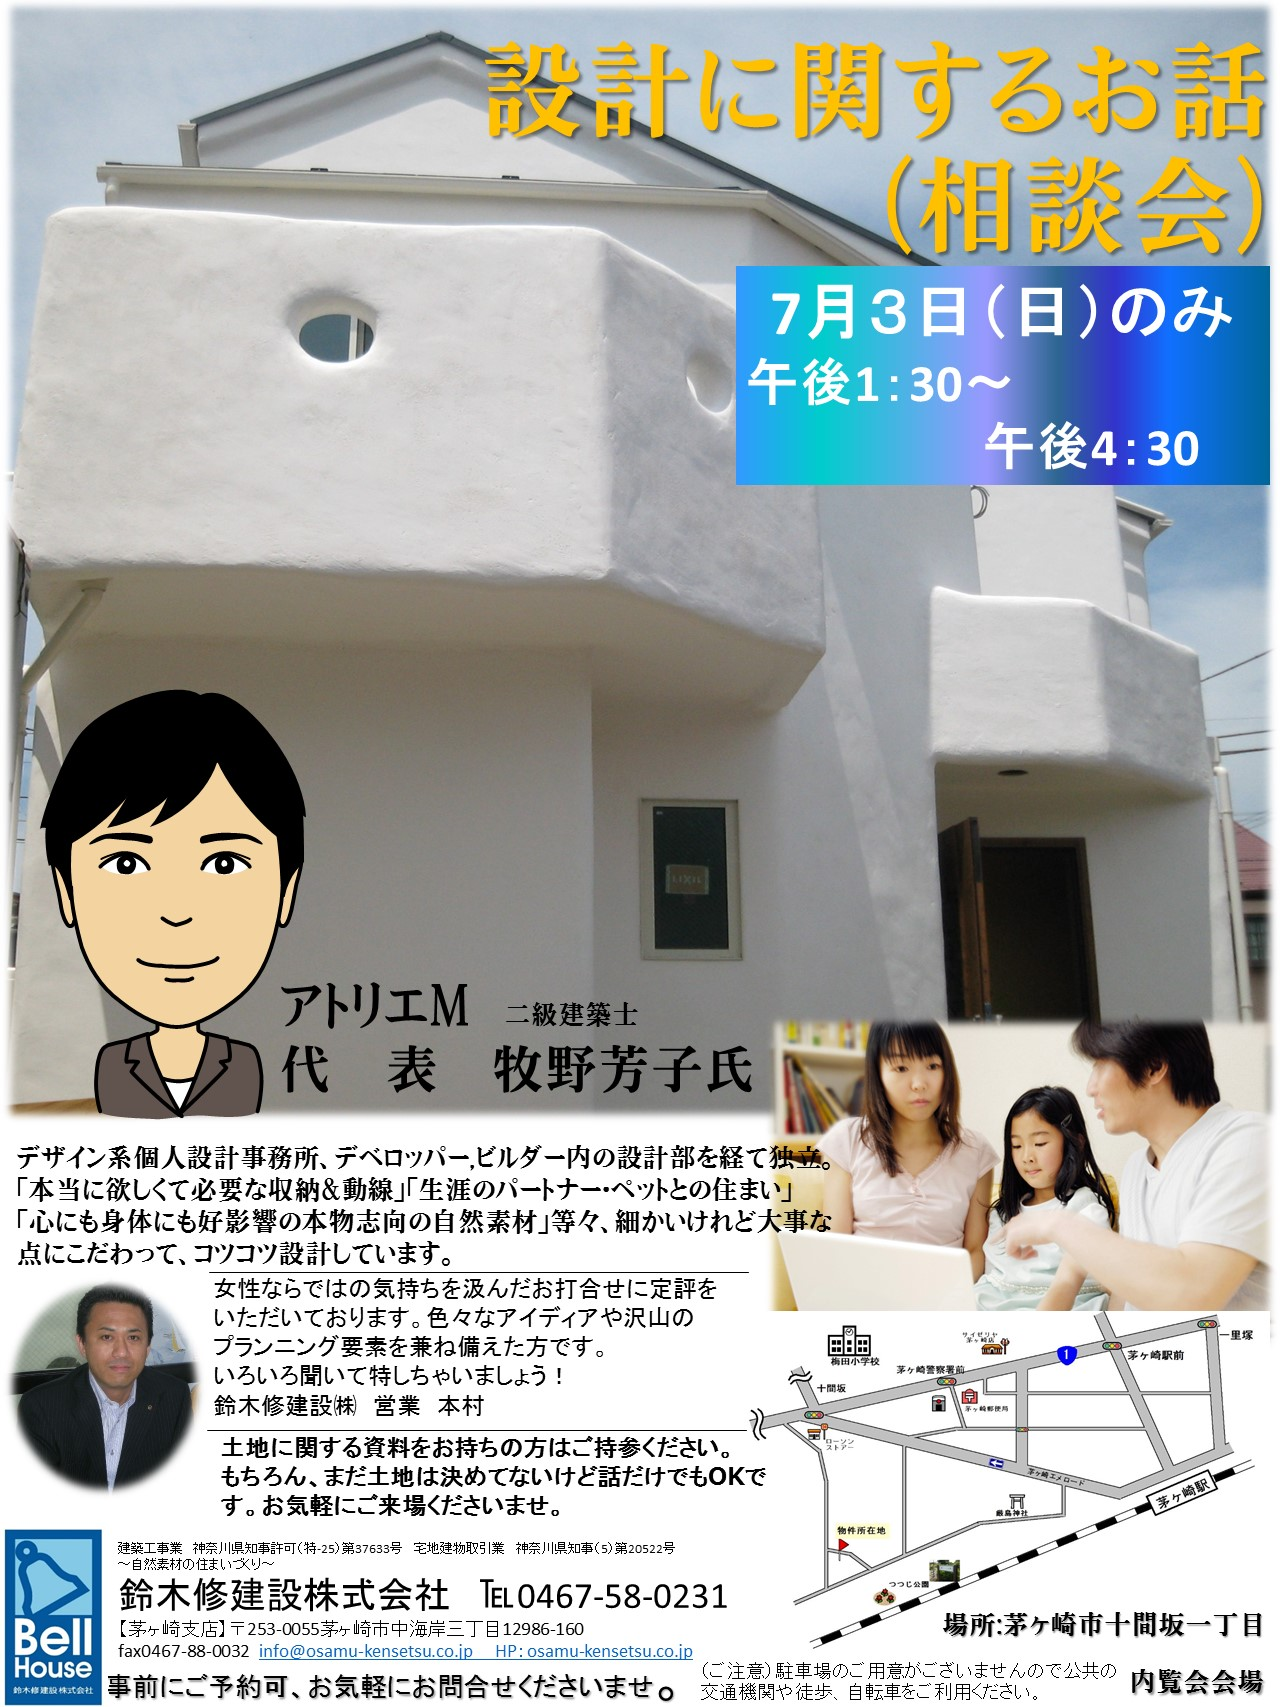 設計に関するお話7月3日.jpg